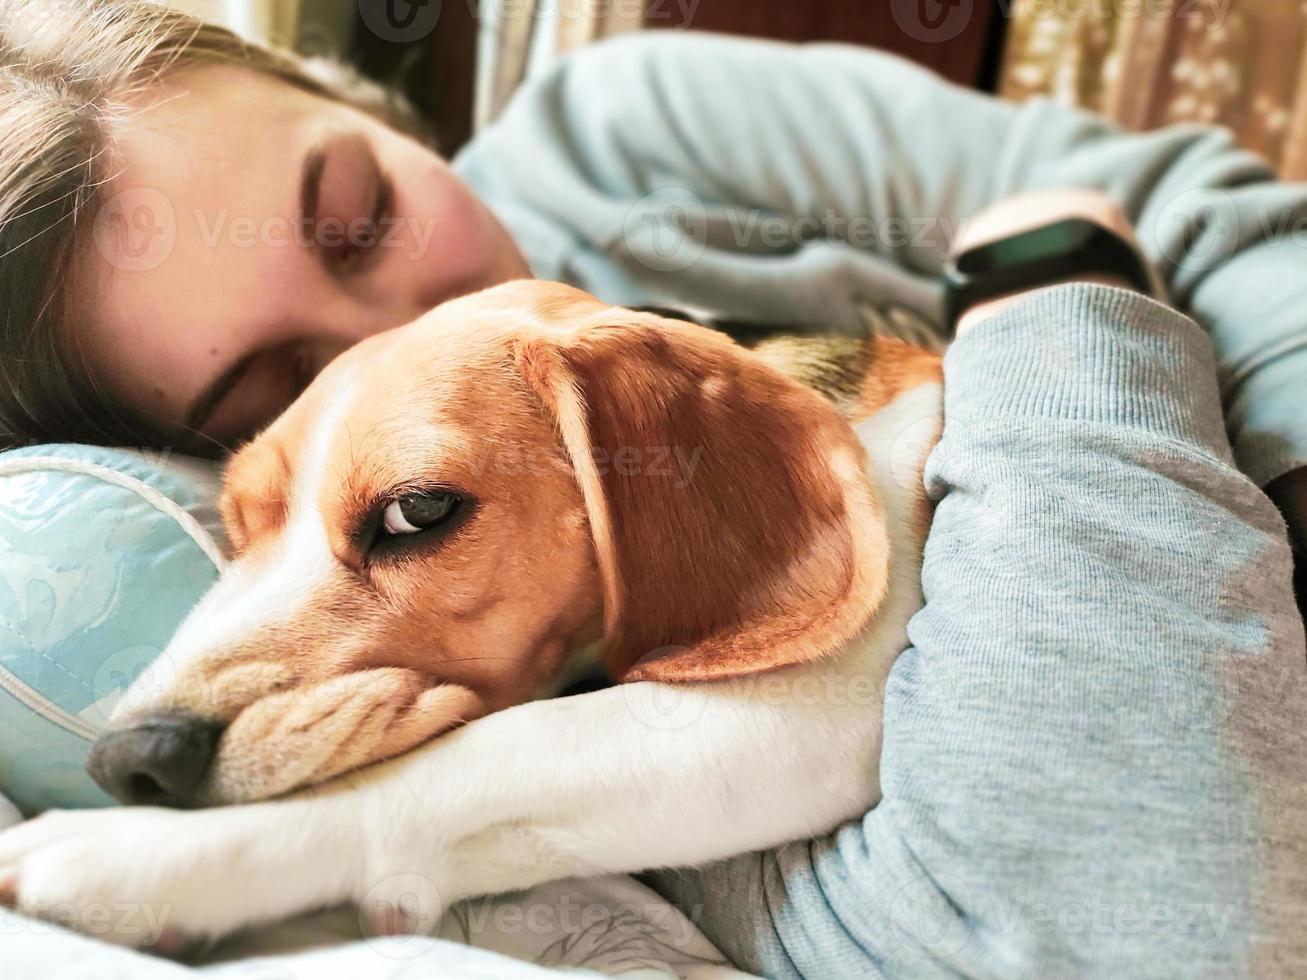 meisje en beagle hond slapen samen. meisje knuffelt een hond. huis huisdier. dol zijn op. foto